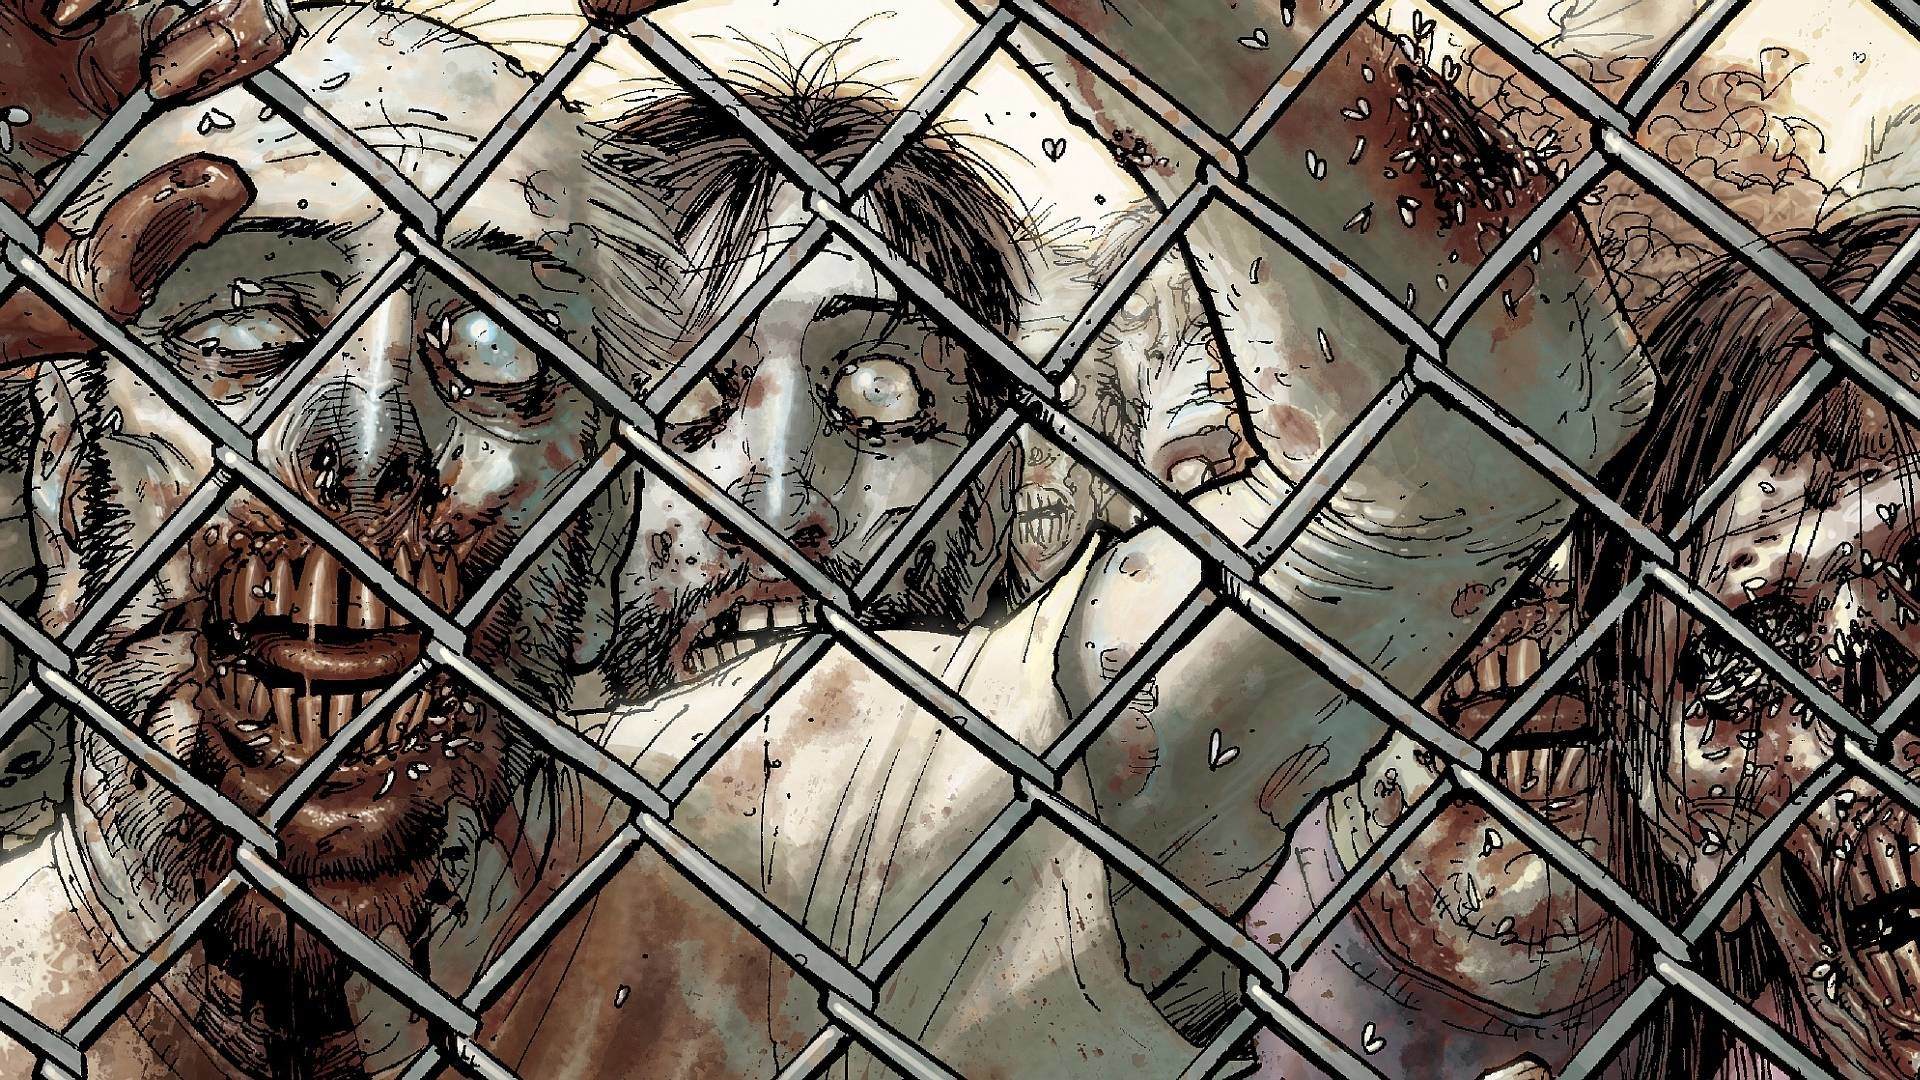 138 The Walking Dead Wallpaper Hd